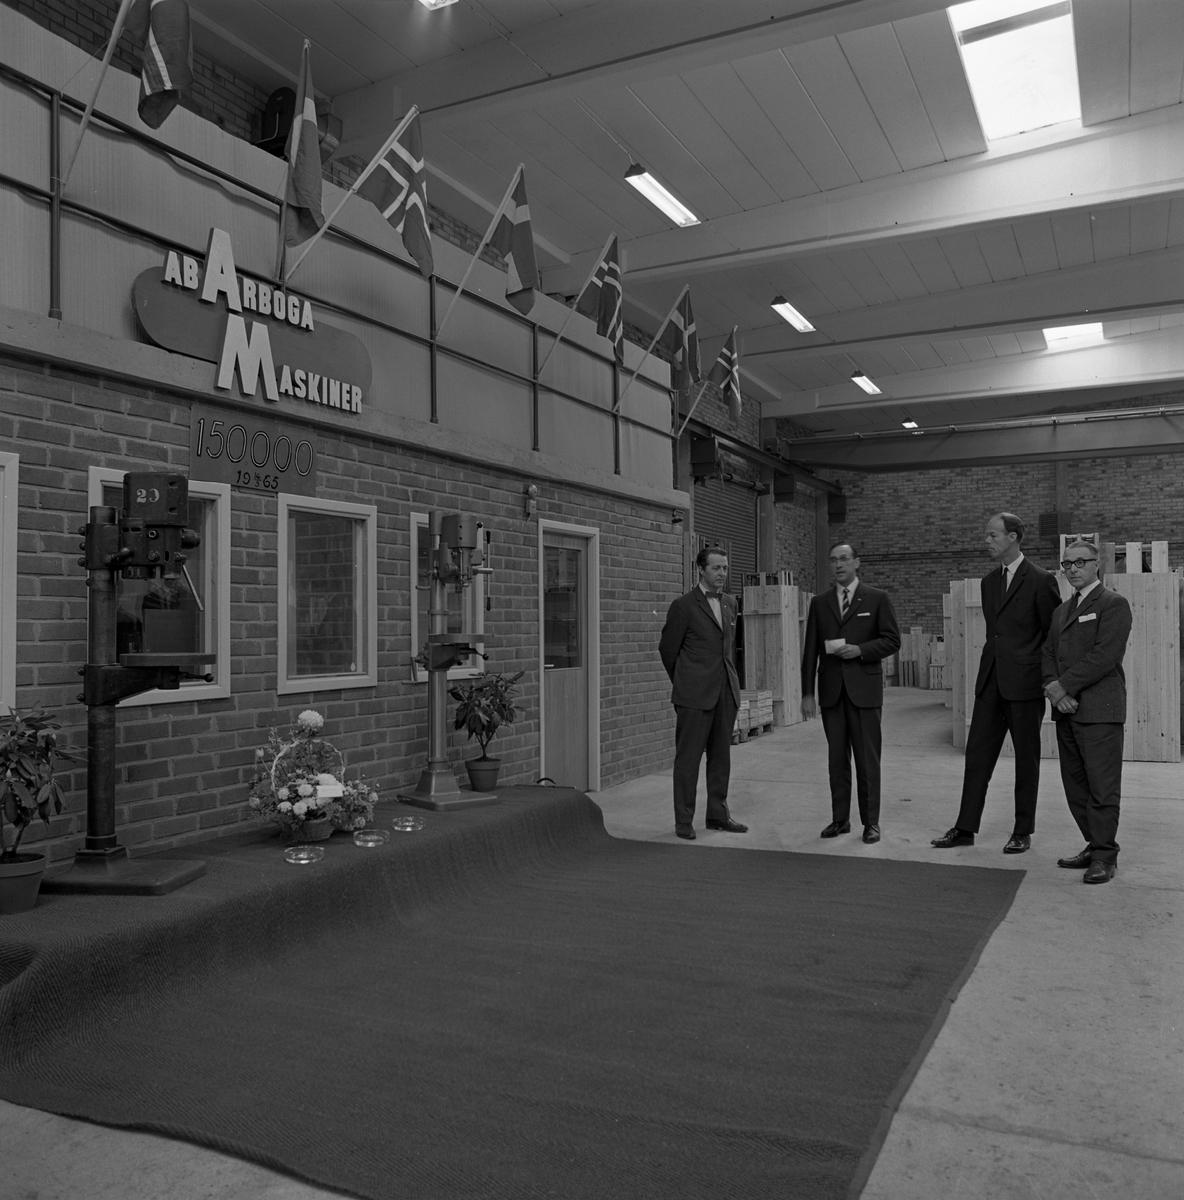 Arboga Maskiner firar maskin nummer 150 000. Fyra kostymklädda herrar väntar intill ett podium med två pelarborrmaskiner och en blomsteruppsättning. Flaggor är uppsatta på väggen.  AB Arboga Maskiner startade 1934 och tillverkar borr- och slipmaskiner.  En bild, från detta tillfälle, finns med i Reinhold Carlssons bok Arboga objektivt sett.